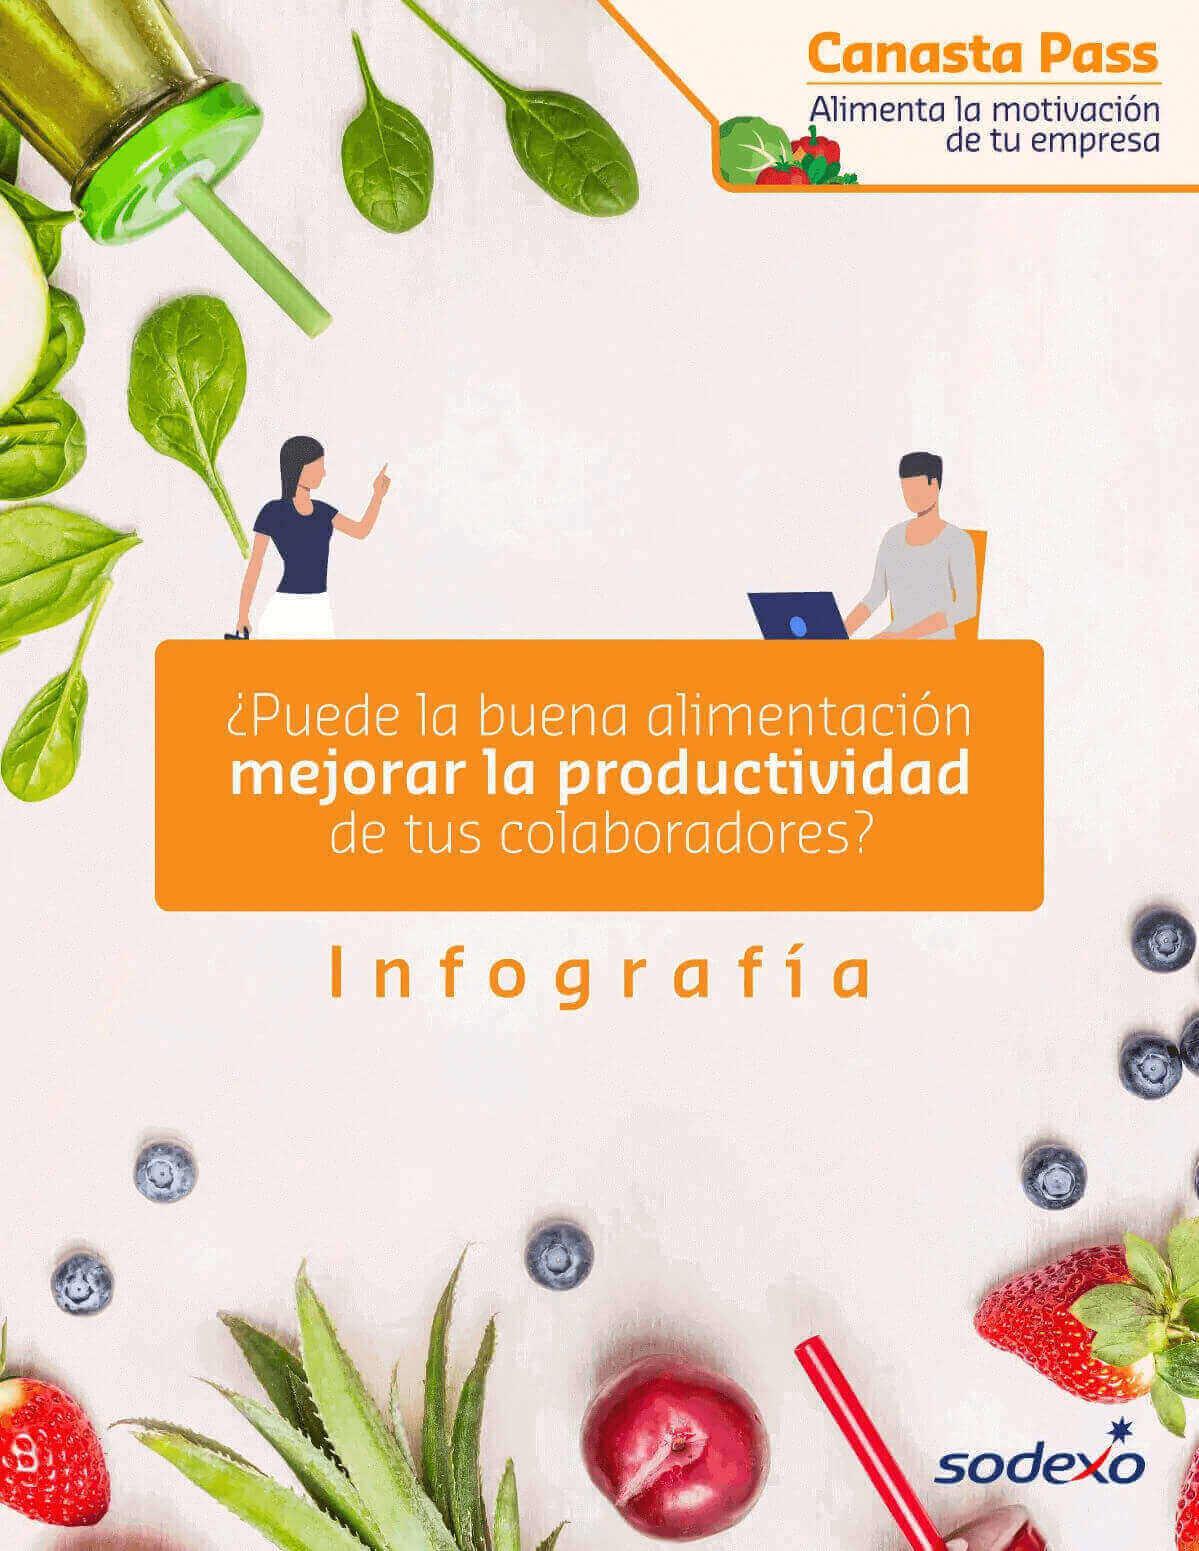 Puede la buena alimentación mejorar la productividad de tus colaboradores